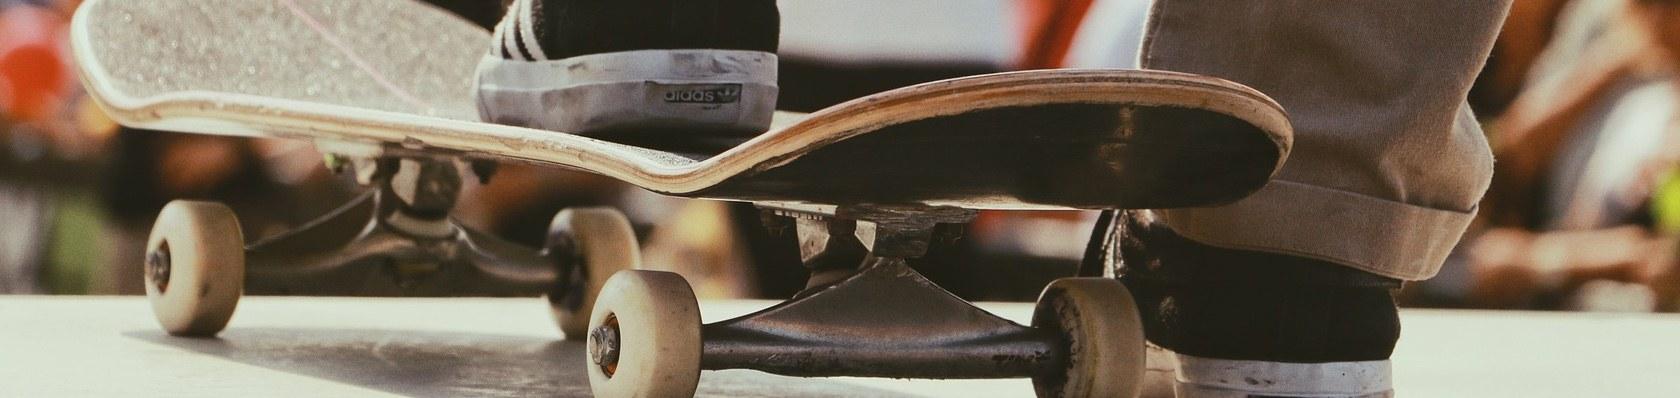 Skateboards im Test auf ExpertenTesten.de